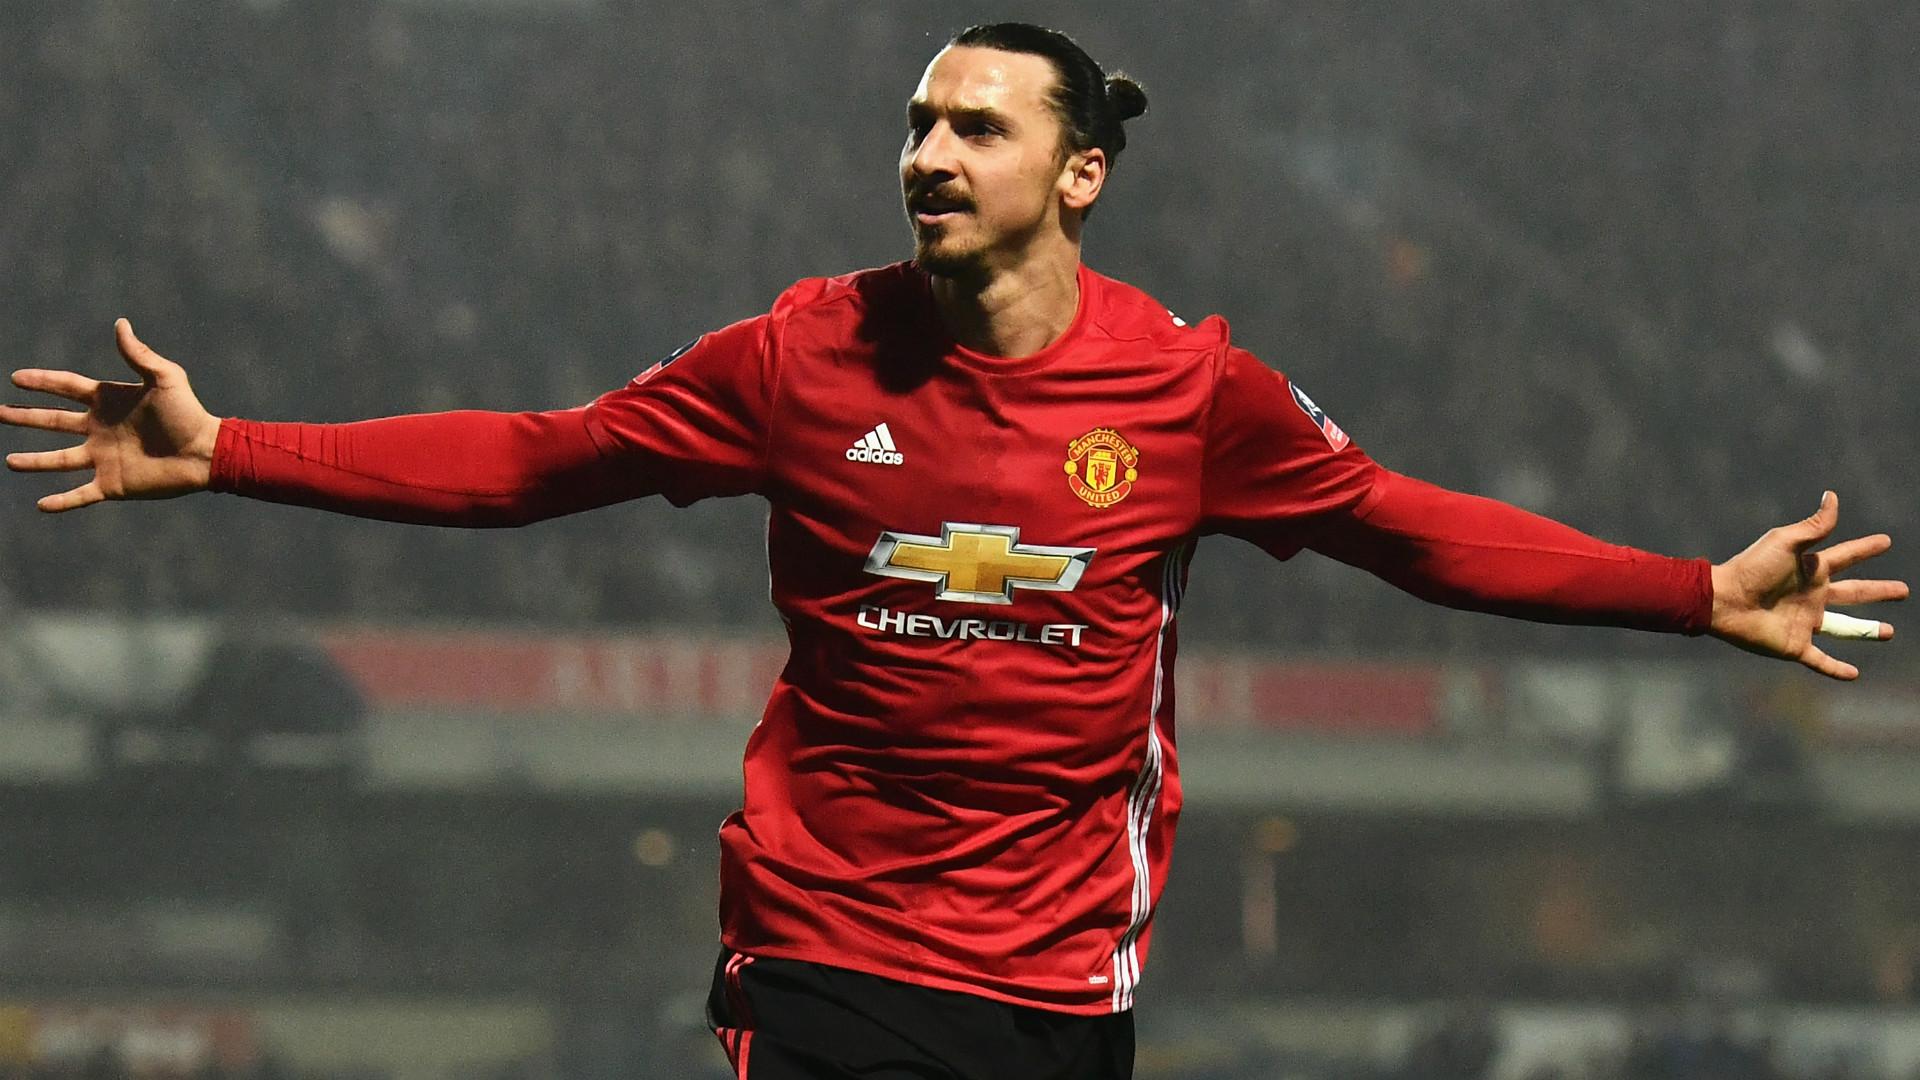 ZLATAN IBRAHIMOVIC | Manchester United | Sự xuất hiện của tiền đạo người Thụy Điển là điểm khác biệt trong một trận đấu khó khăn của các học trò HLV Jose Mourinho. Bàn ấn định tỉ số của Ibra cũng là lần thứ 24 anh ăn mừng ở mùa giải năm nay.